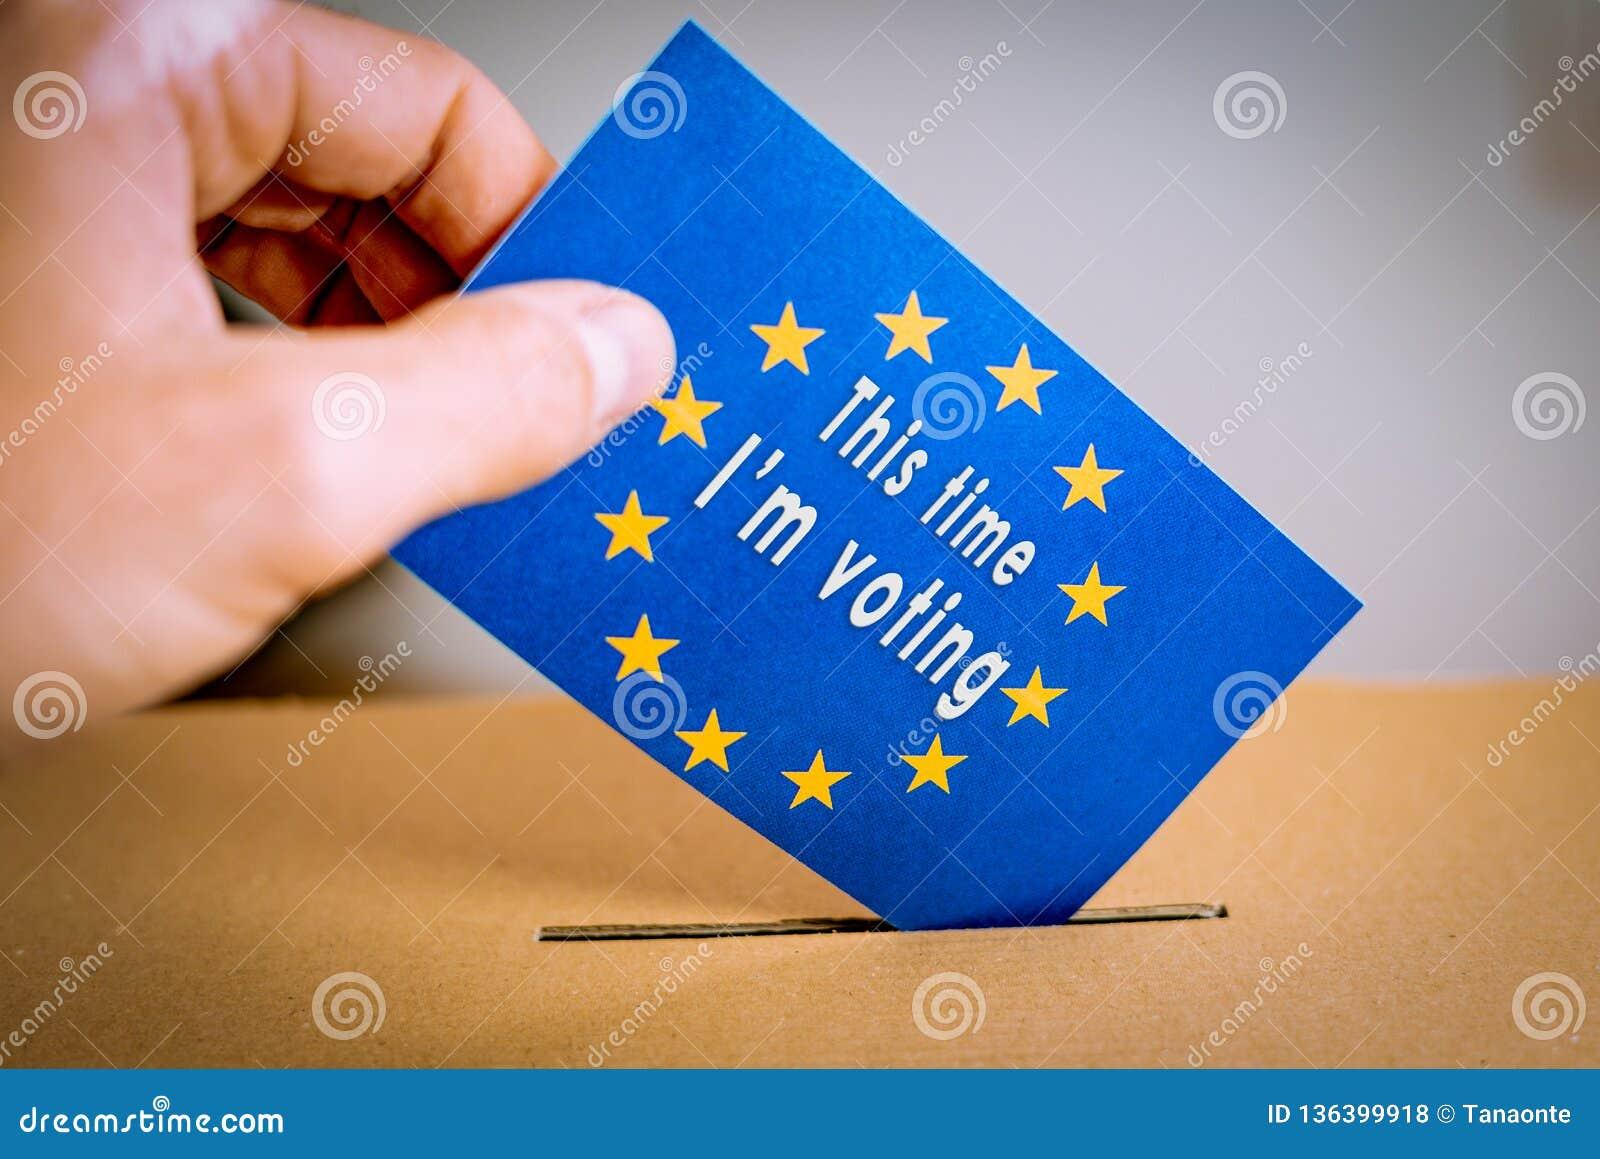 Εκλογή στην Ευρωπαϊκή Ένωση - που ψηφίζει στο κάλπη